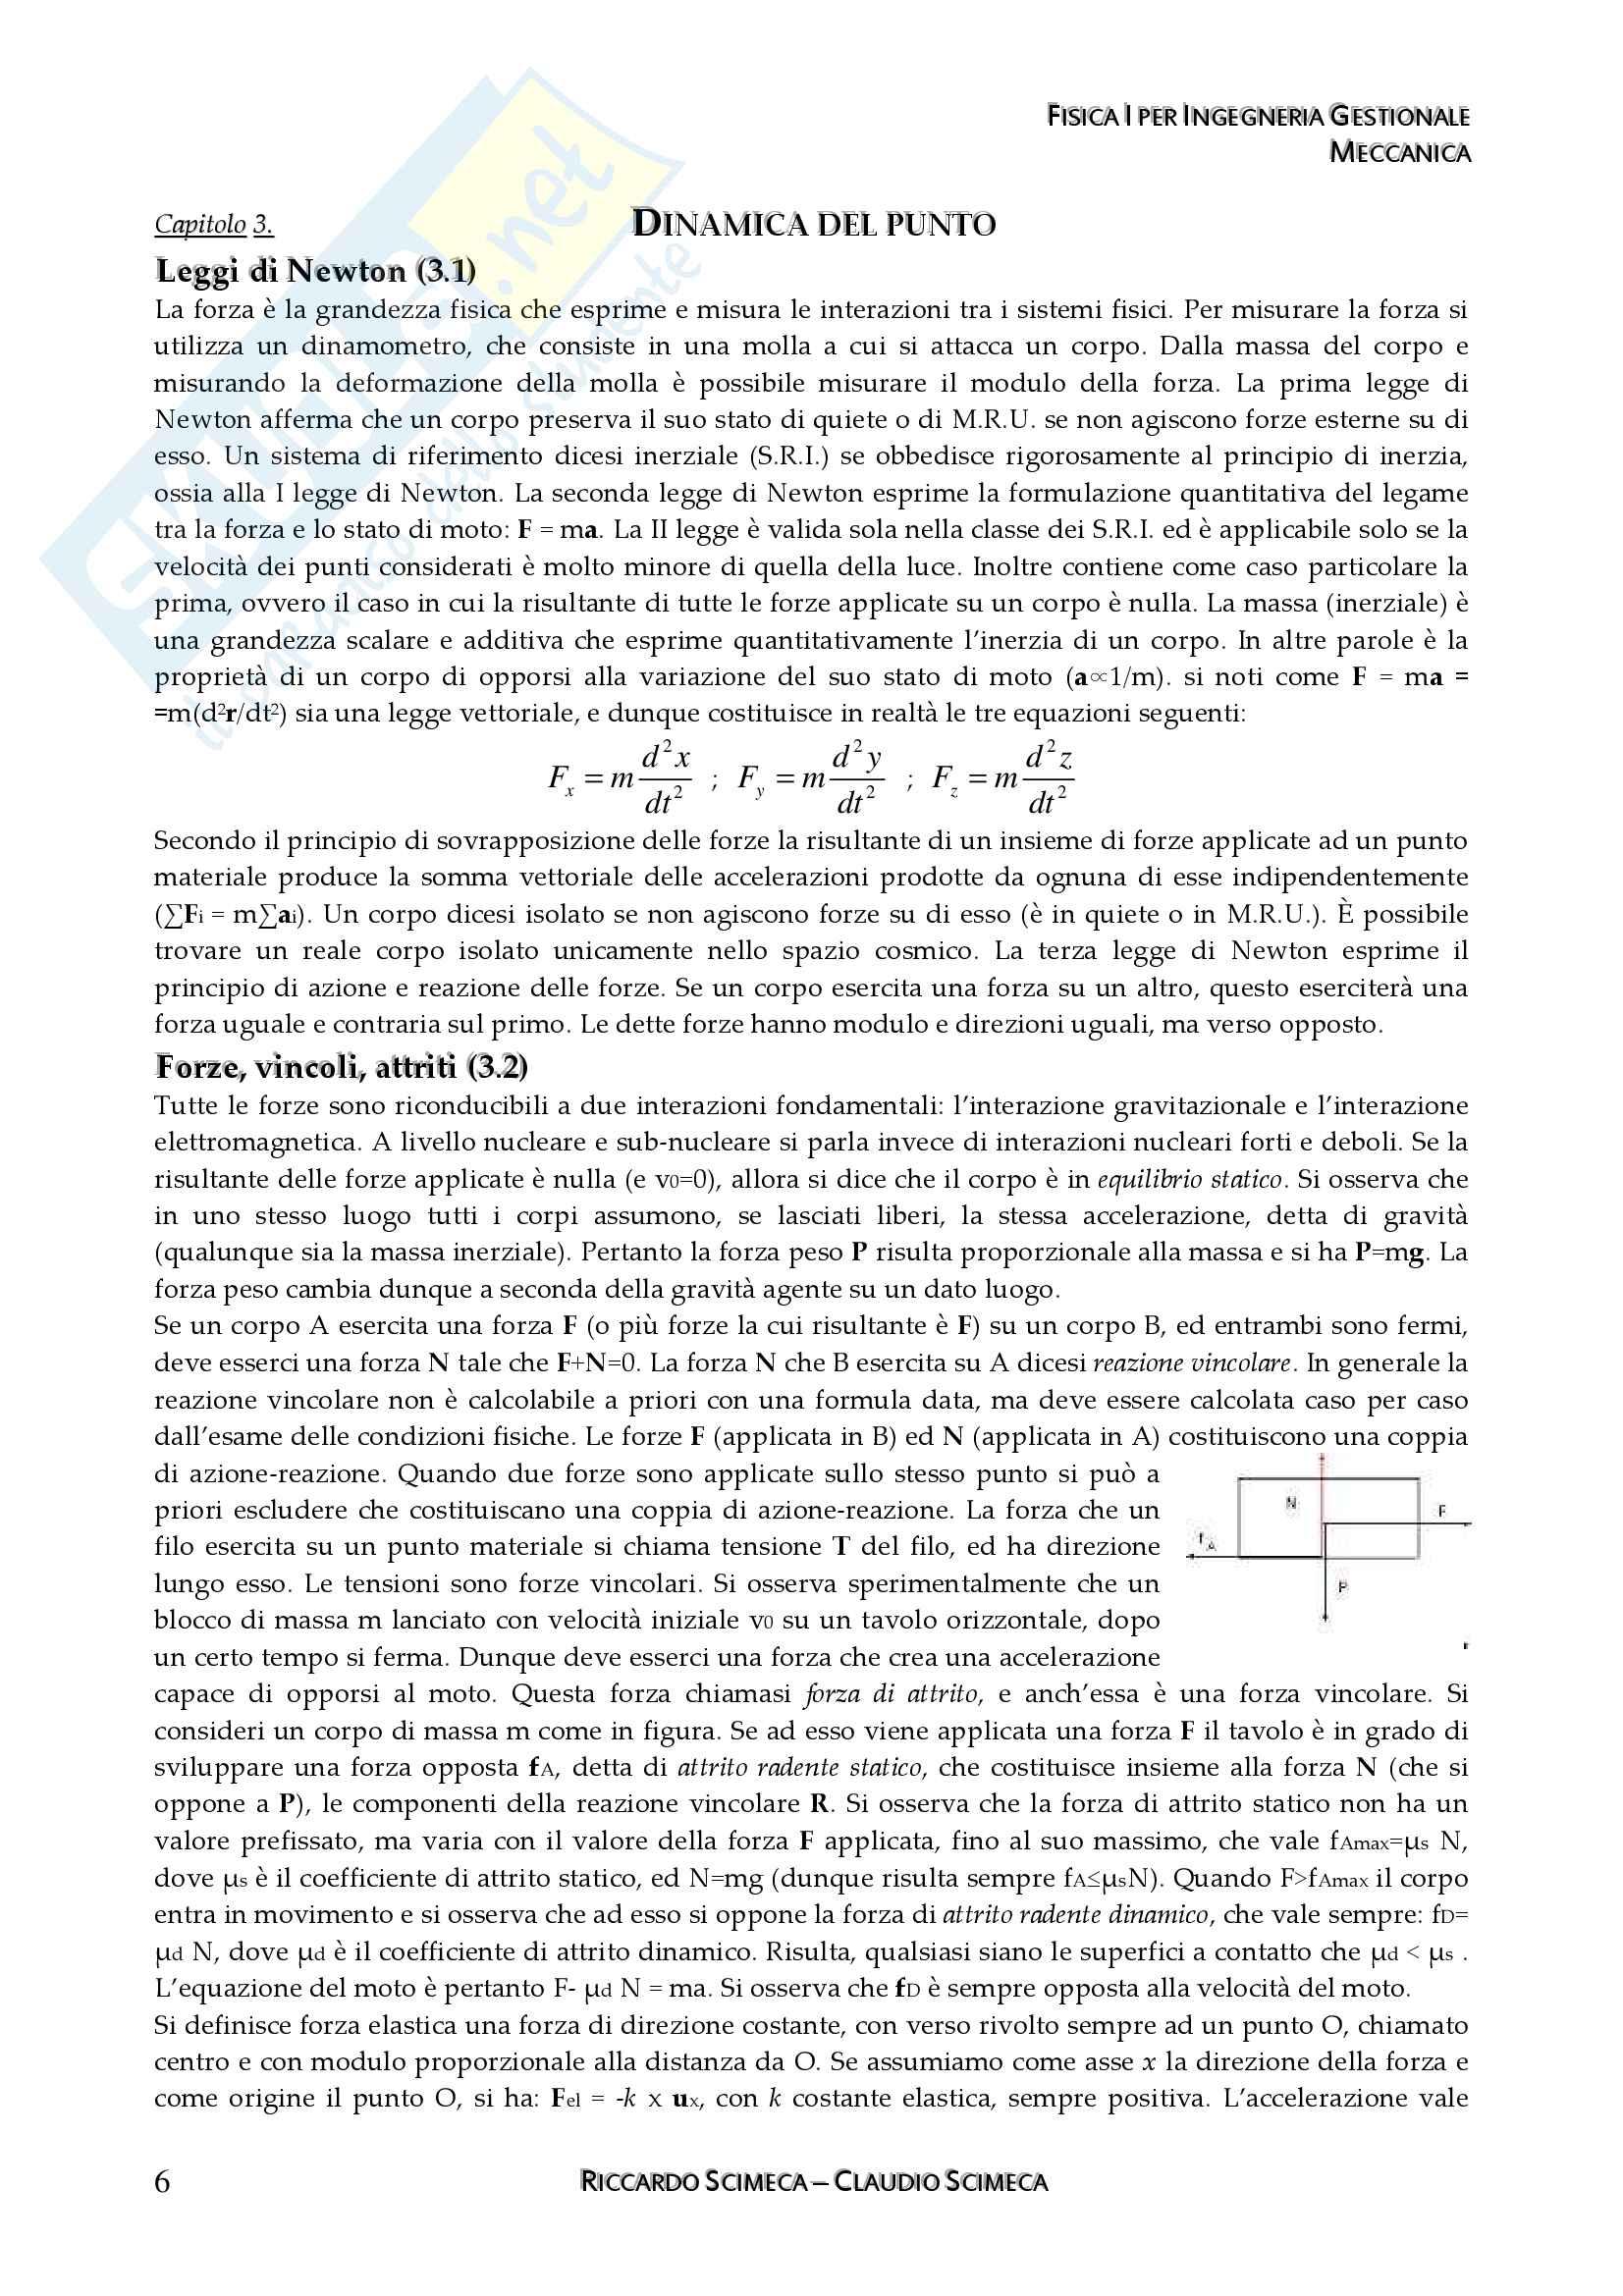 Fisica I - Meccanica, fluidomeccanica e Termodinamica Pag. 11